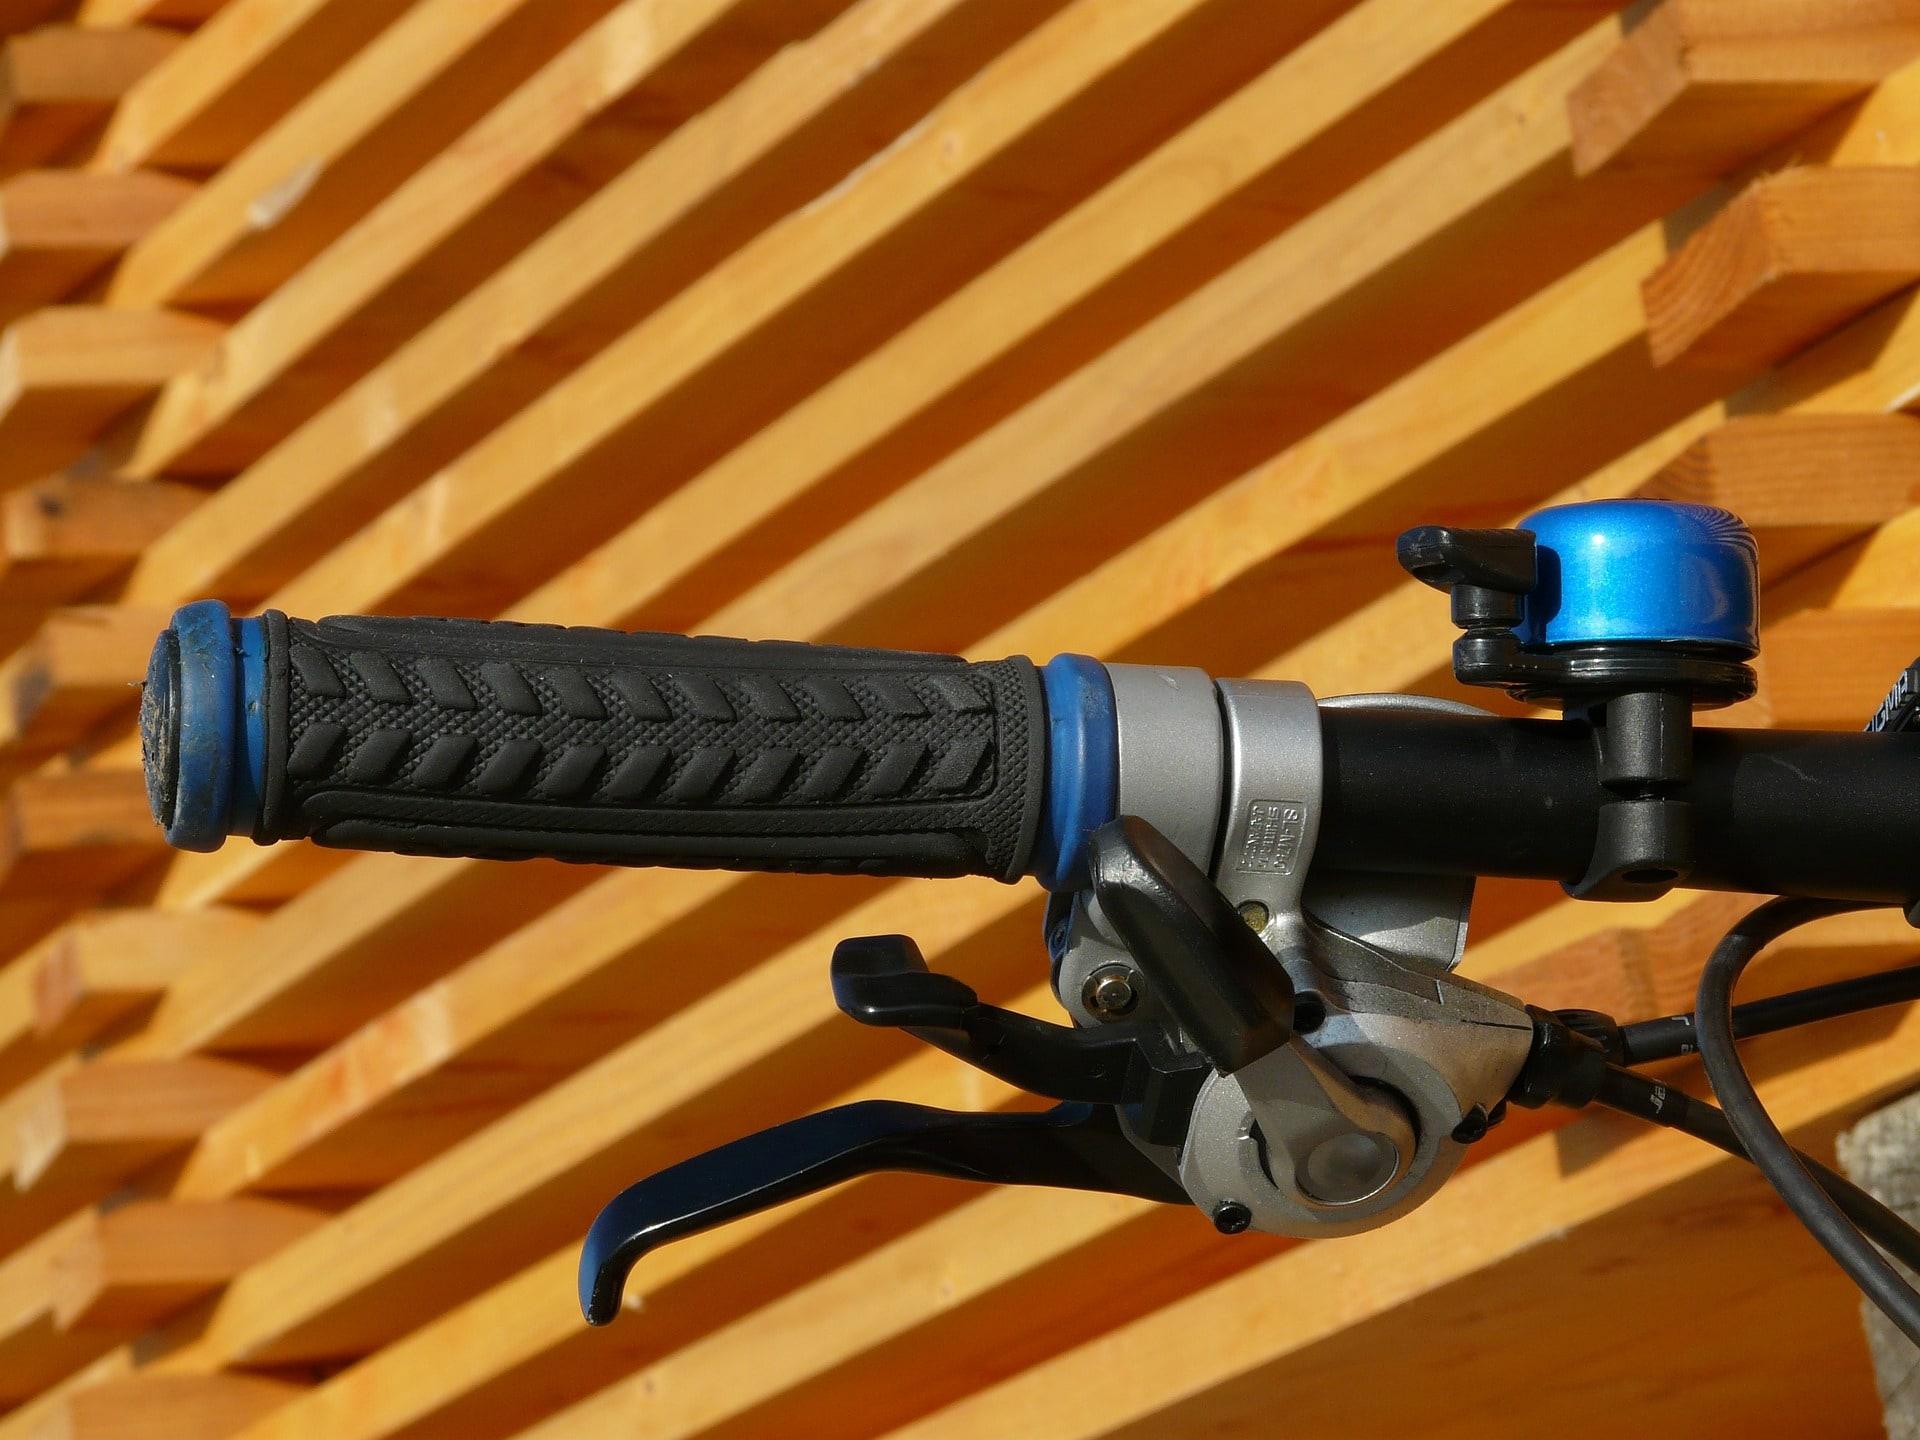 Fahrrad Lenkergriffe Ergonomisch Schraub-Griff MTB Mountainbike Gummigriffe Neu